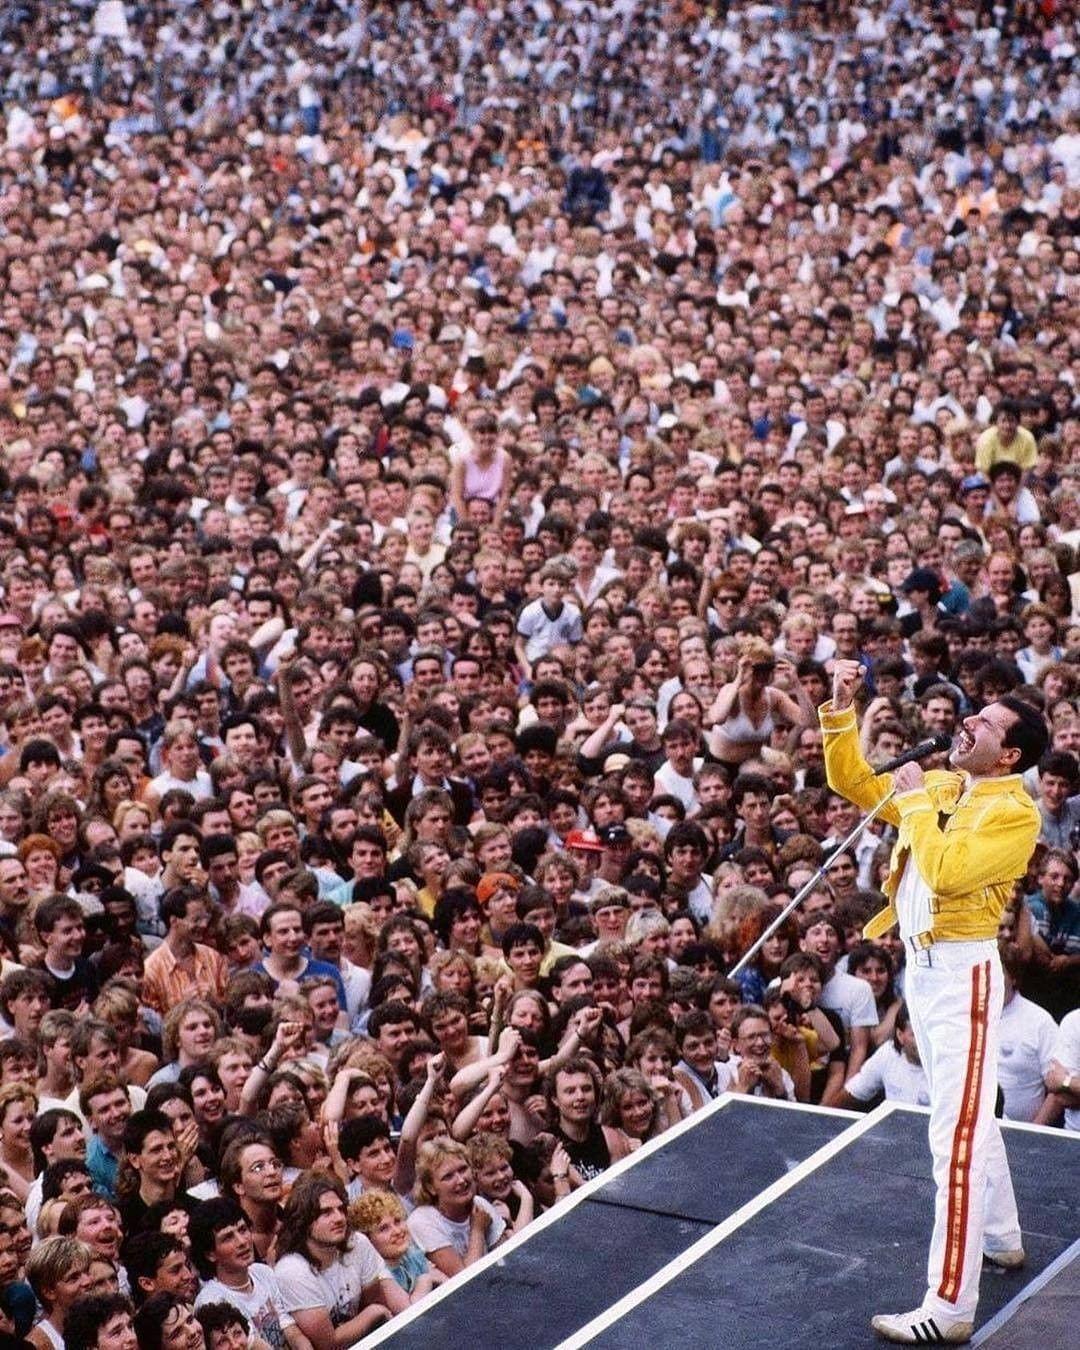 Freddie Mercury en Wembley, 1986. Sin móviles, sin cámaras... solo gente disfrutando el momento.